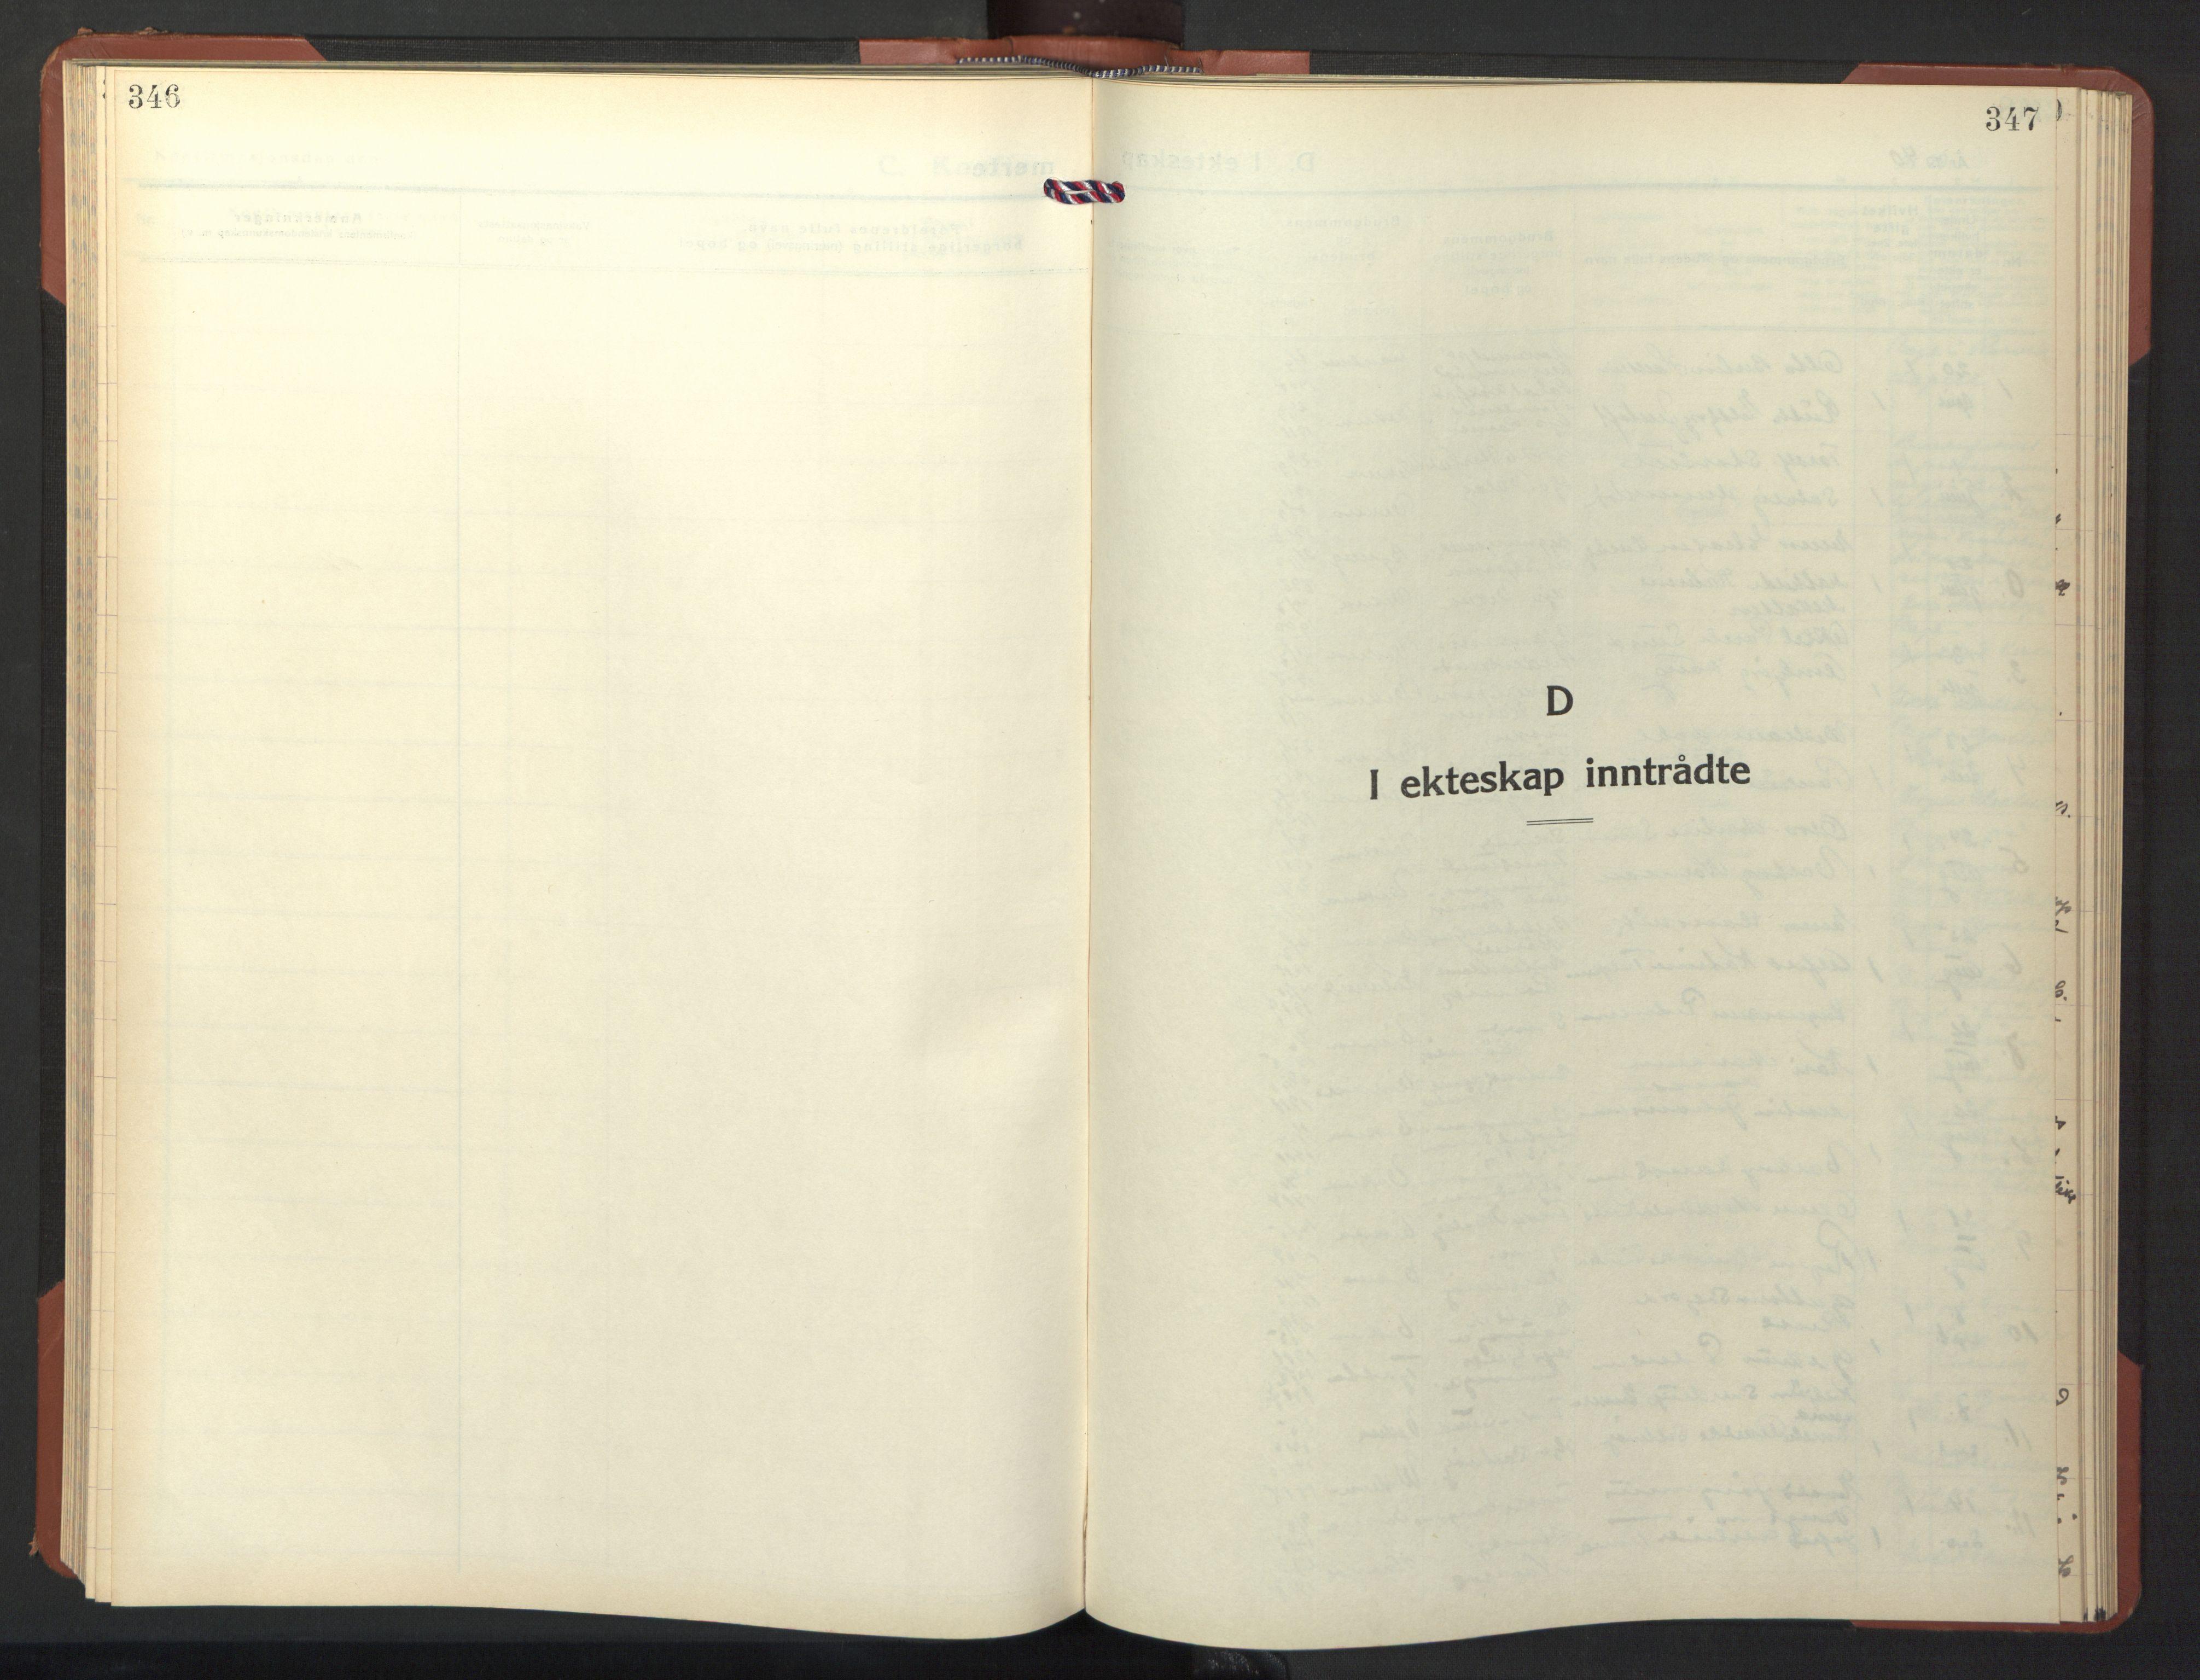 SAT, Ministerialprotokoller, klokkerbøker og fødselsregistre - Nord-Trøndelag, 786/L0689: Klokkerbok nr. 786C01, 1940-1948, s. 346-347